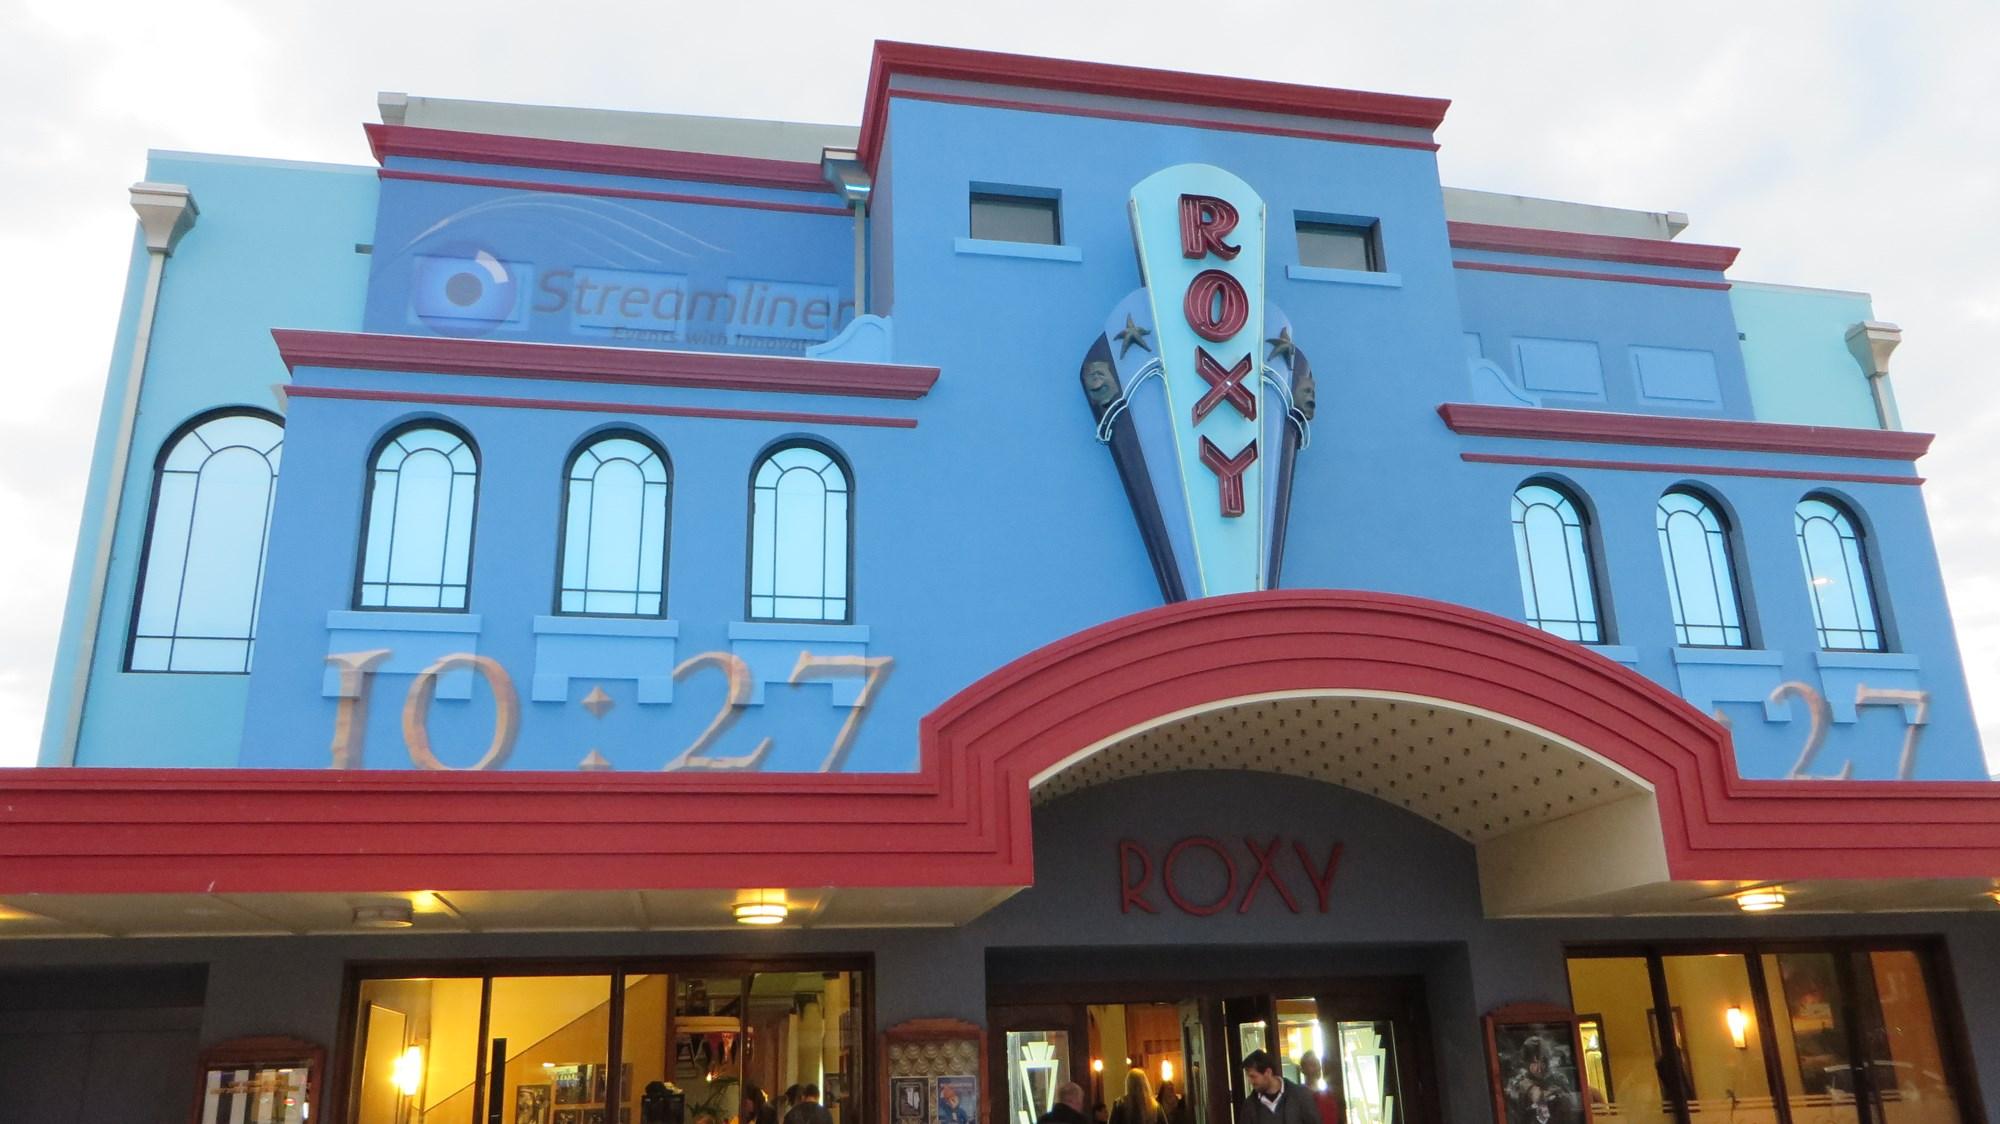 ニュージーランド旅行 '14 Roxy Cinemaで『ホビット』プロジェクション・マッピング編